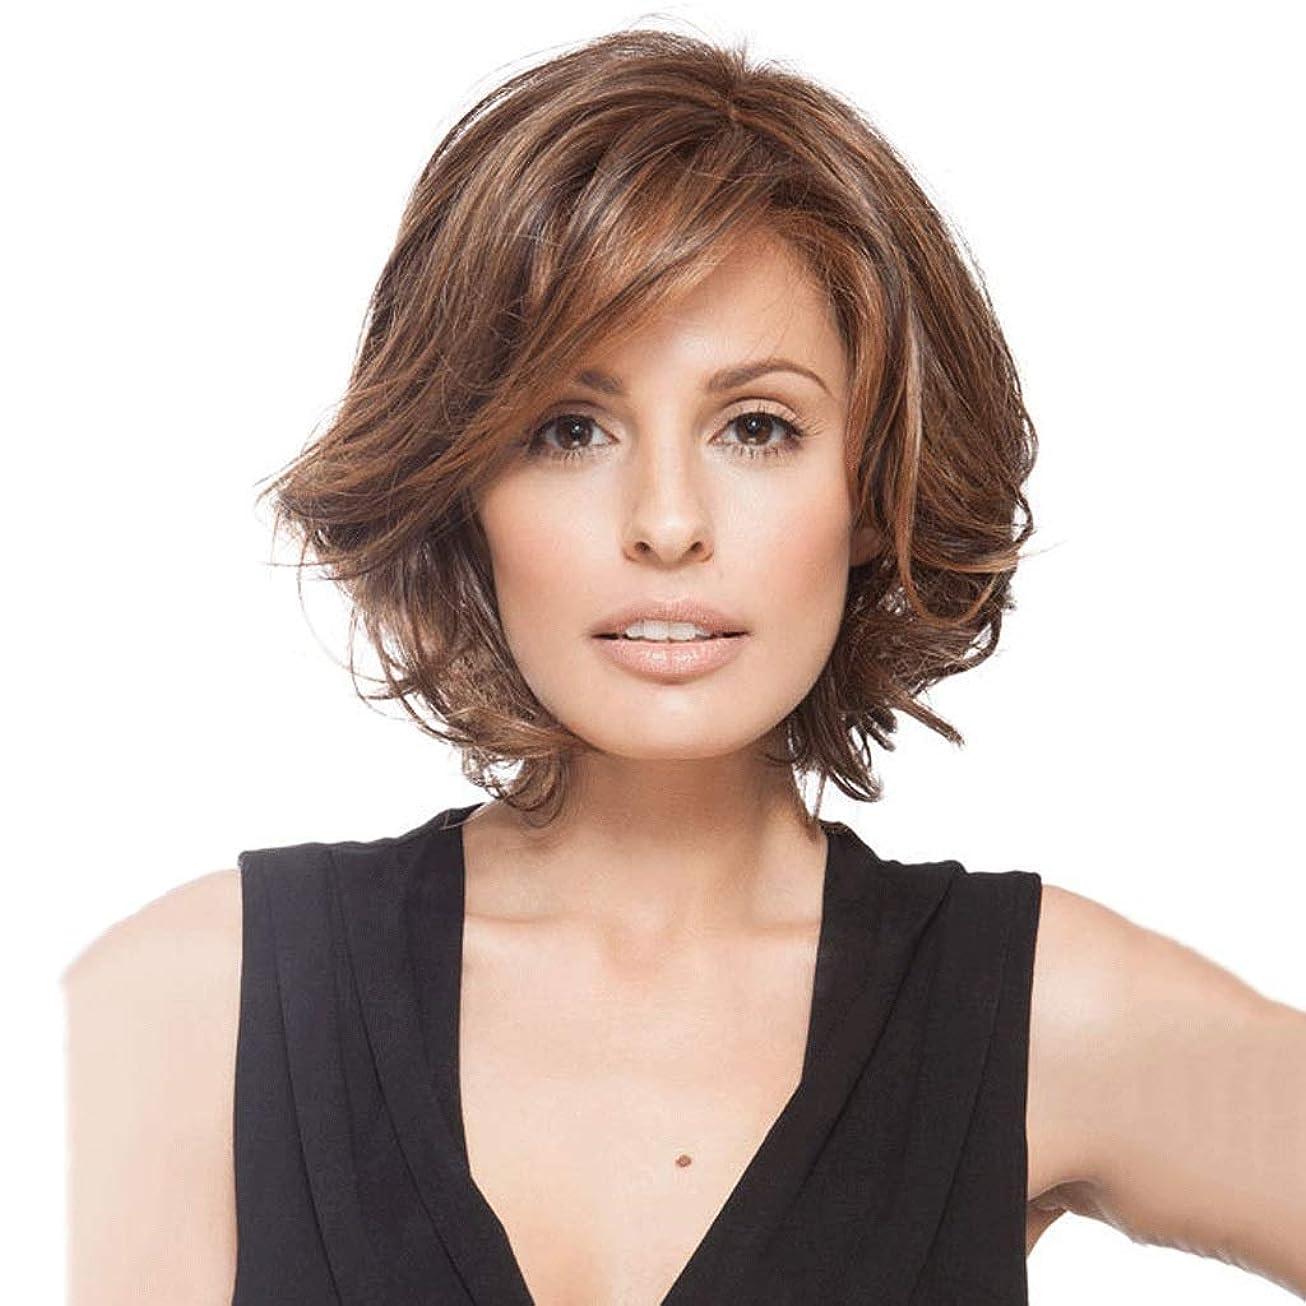 心のこもった証言欠席女性のための茶色の短い巻き毛のかつら、ローズ通気性ヘアネット/Natrualヘアライン/ 150%密度14インチ (色 : Brown)